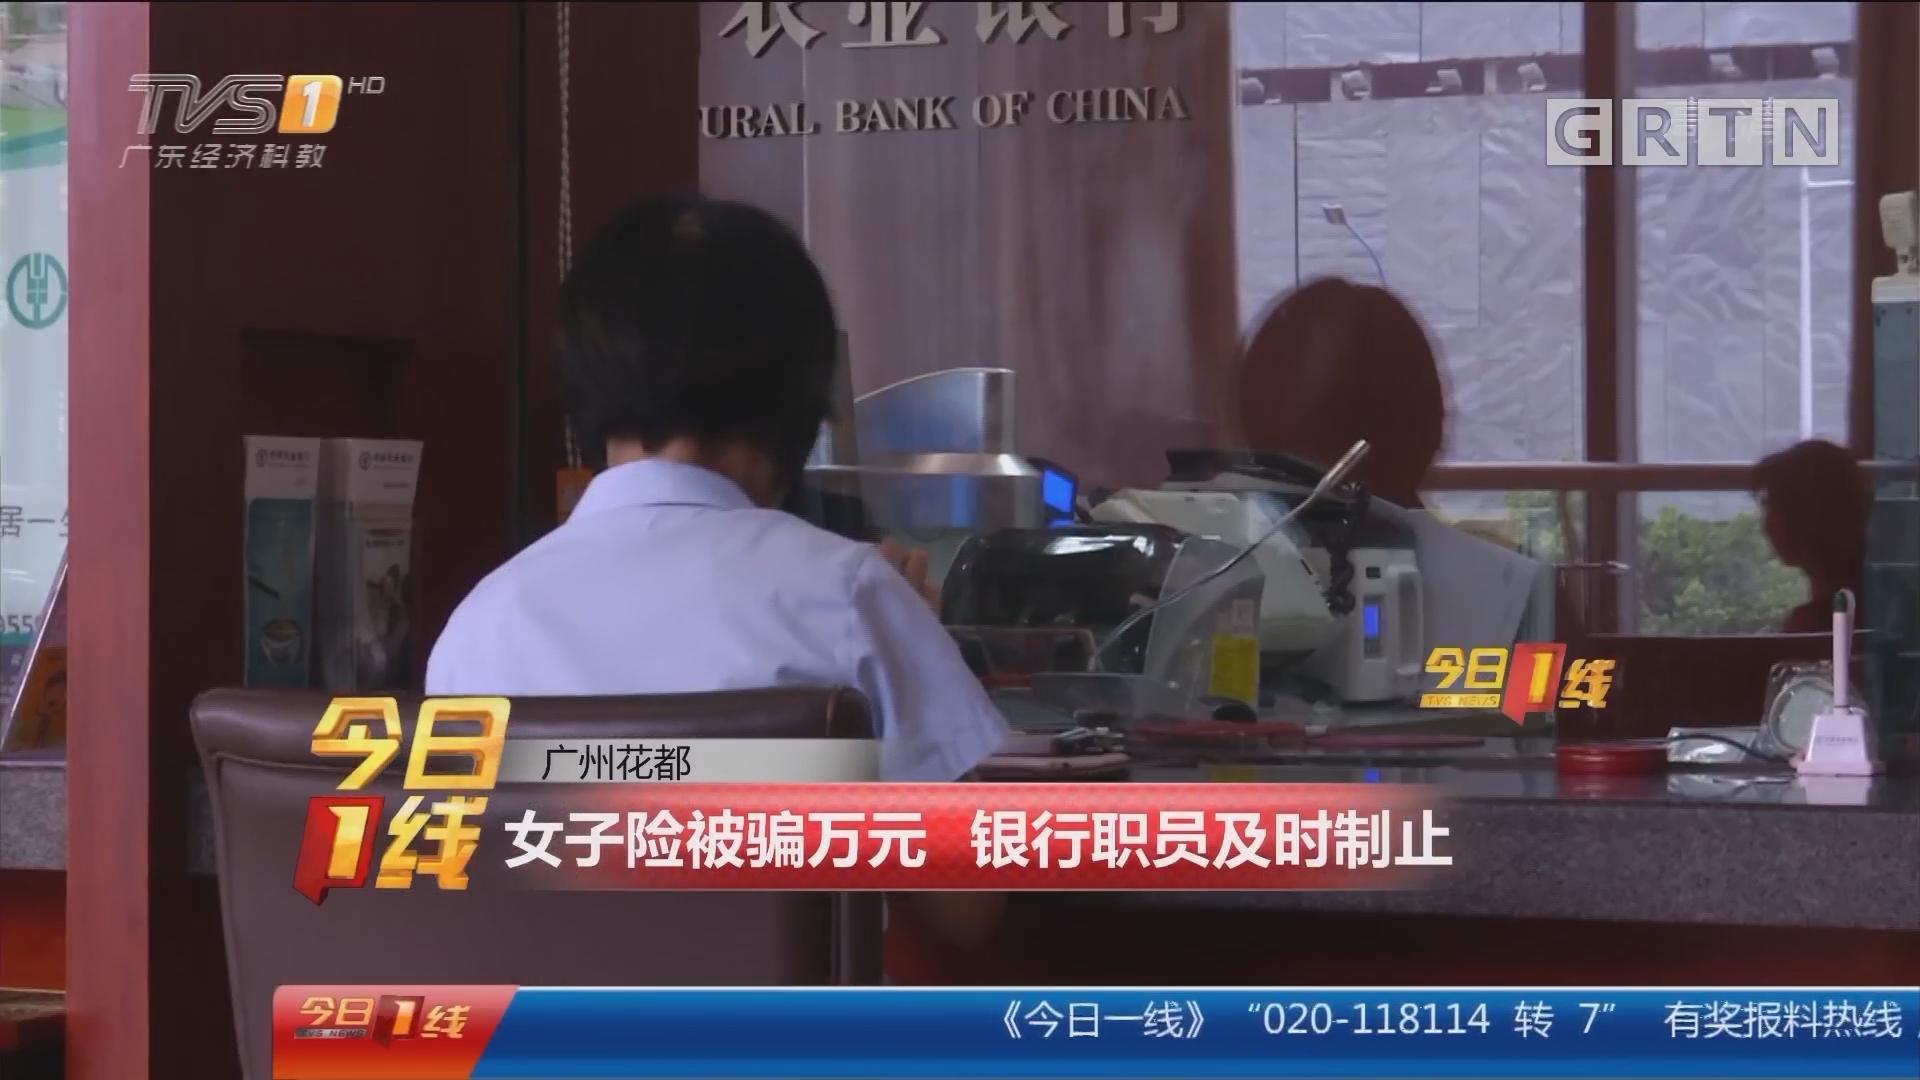 广州花都:女子险被骗万元 银行职员及时制止